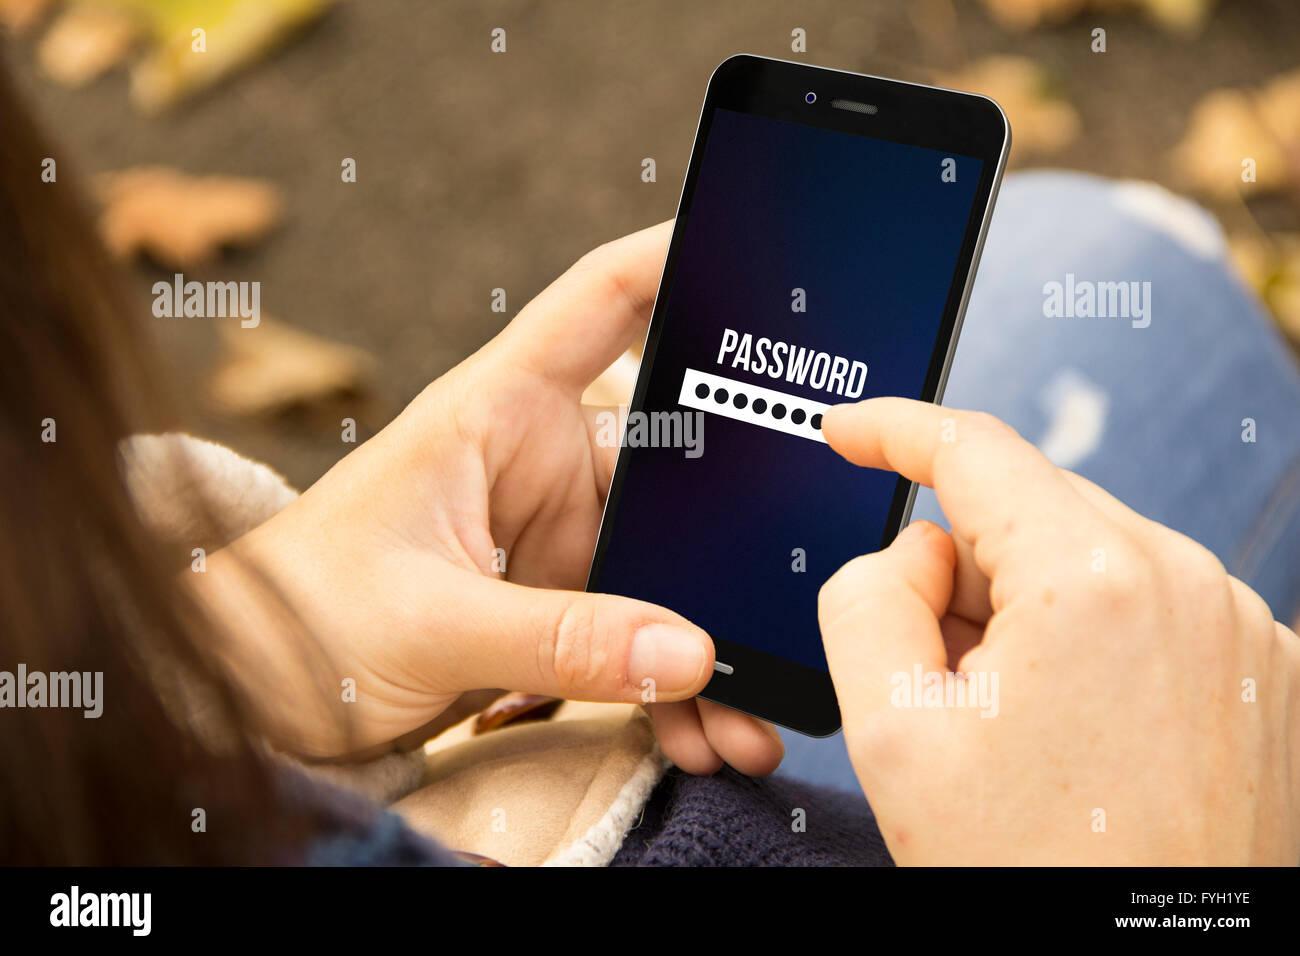 Concept de sécurité mobile: saisie de mot de passe sur un téléphone 3D généré Photo Stock